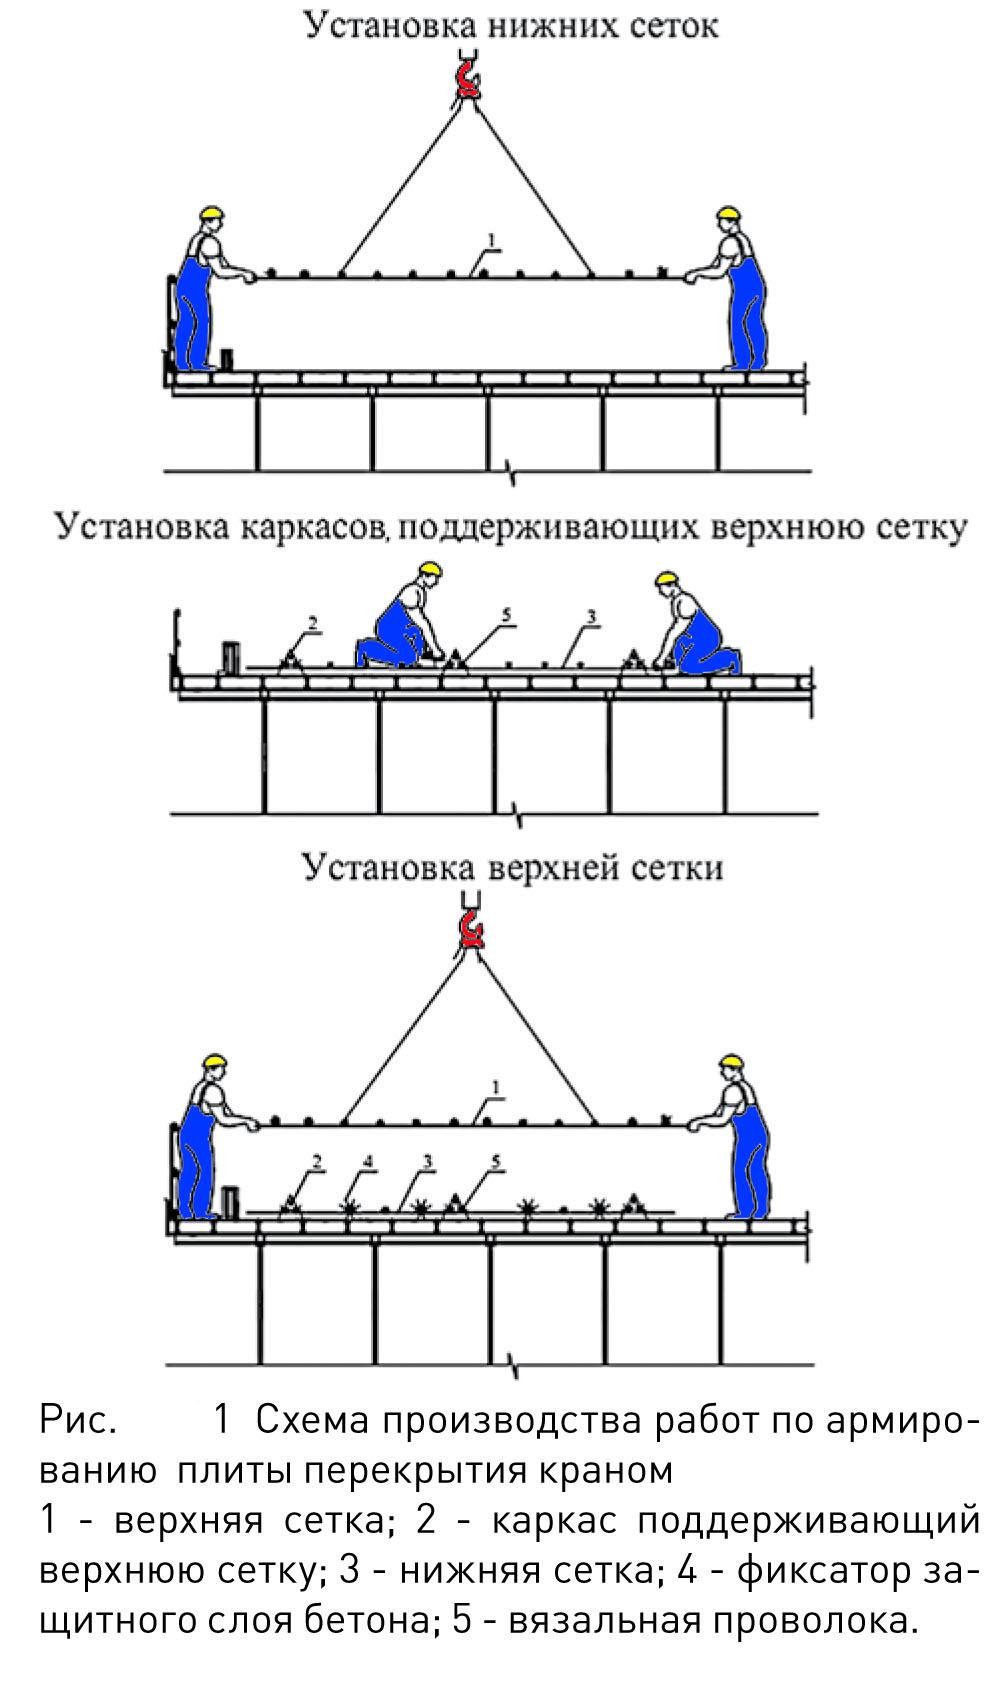 рисунок 1 и 2